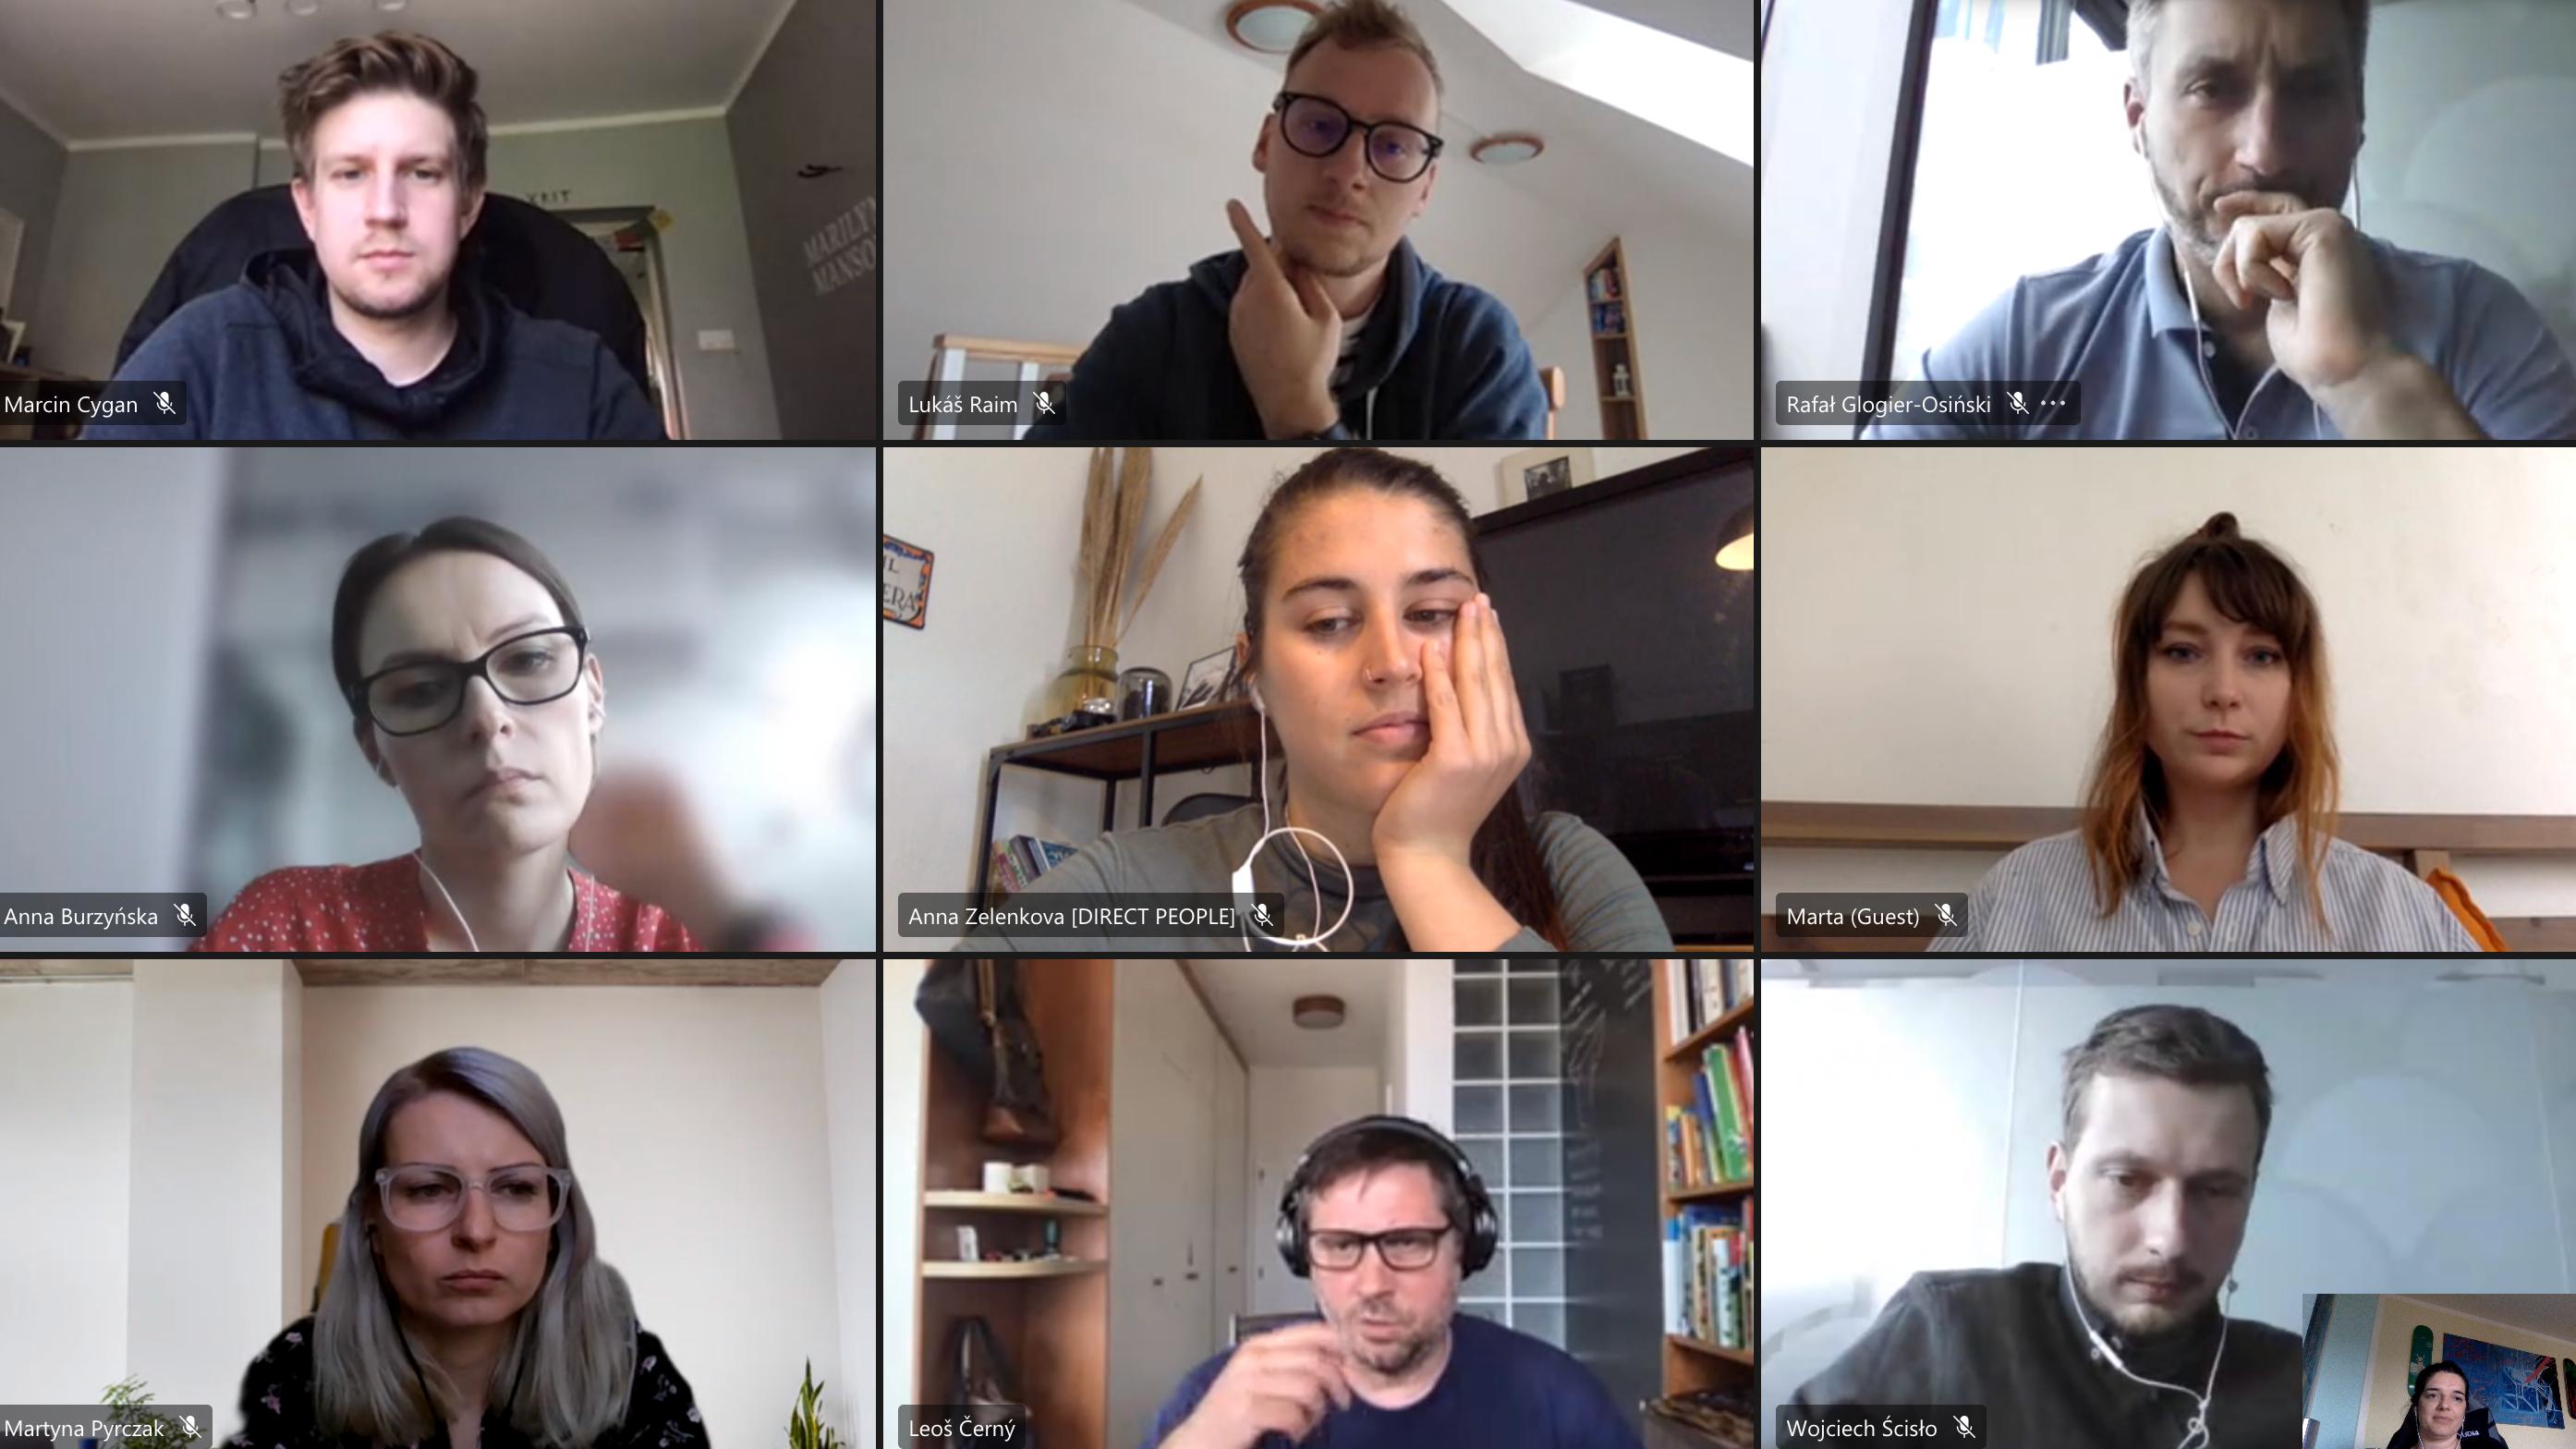 Wirtualne spotkania z zespołem w Czechach